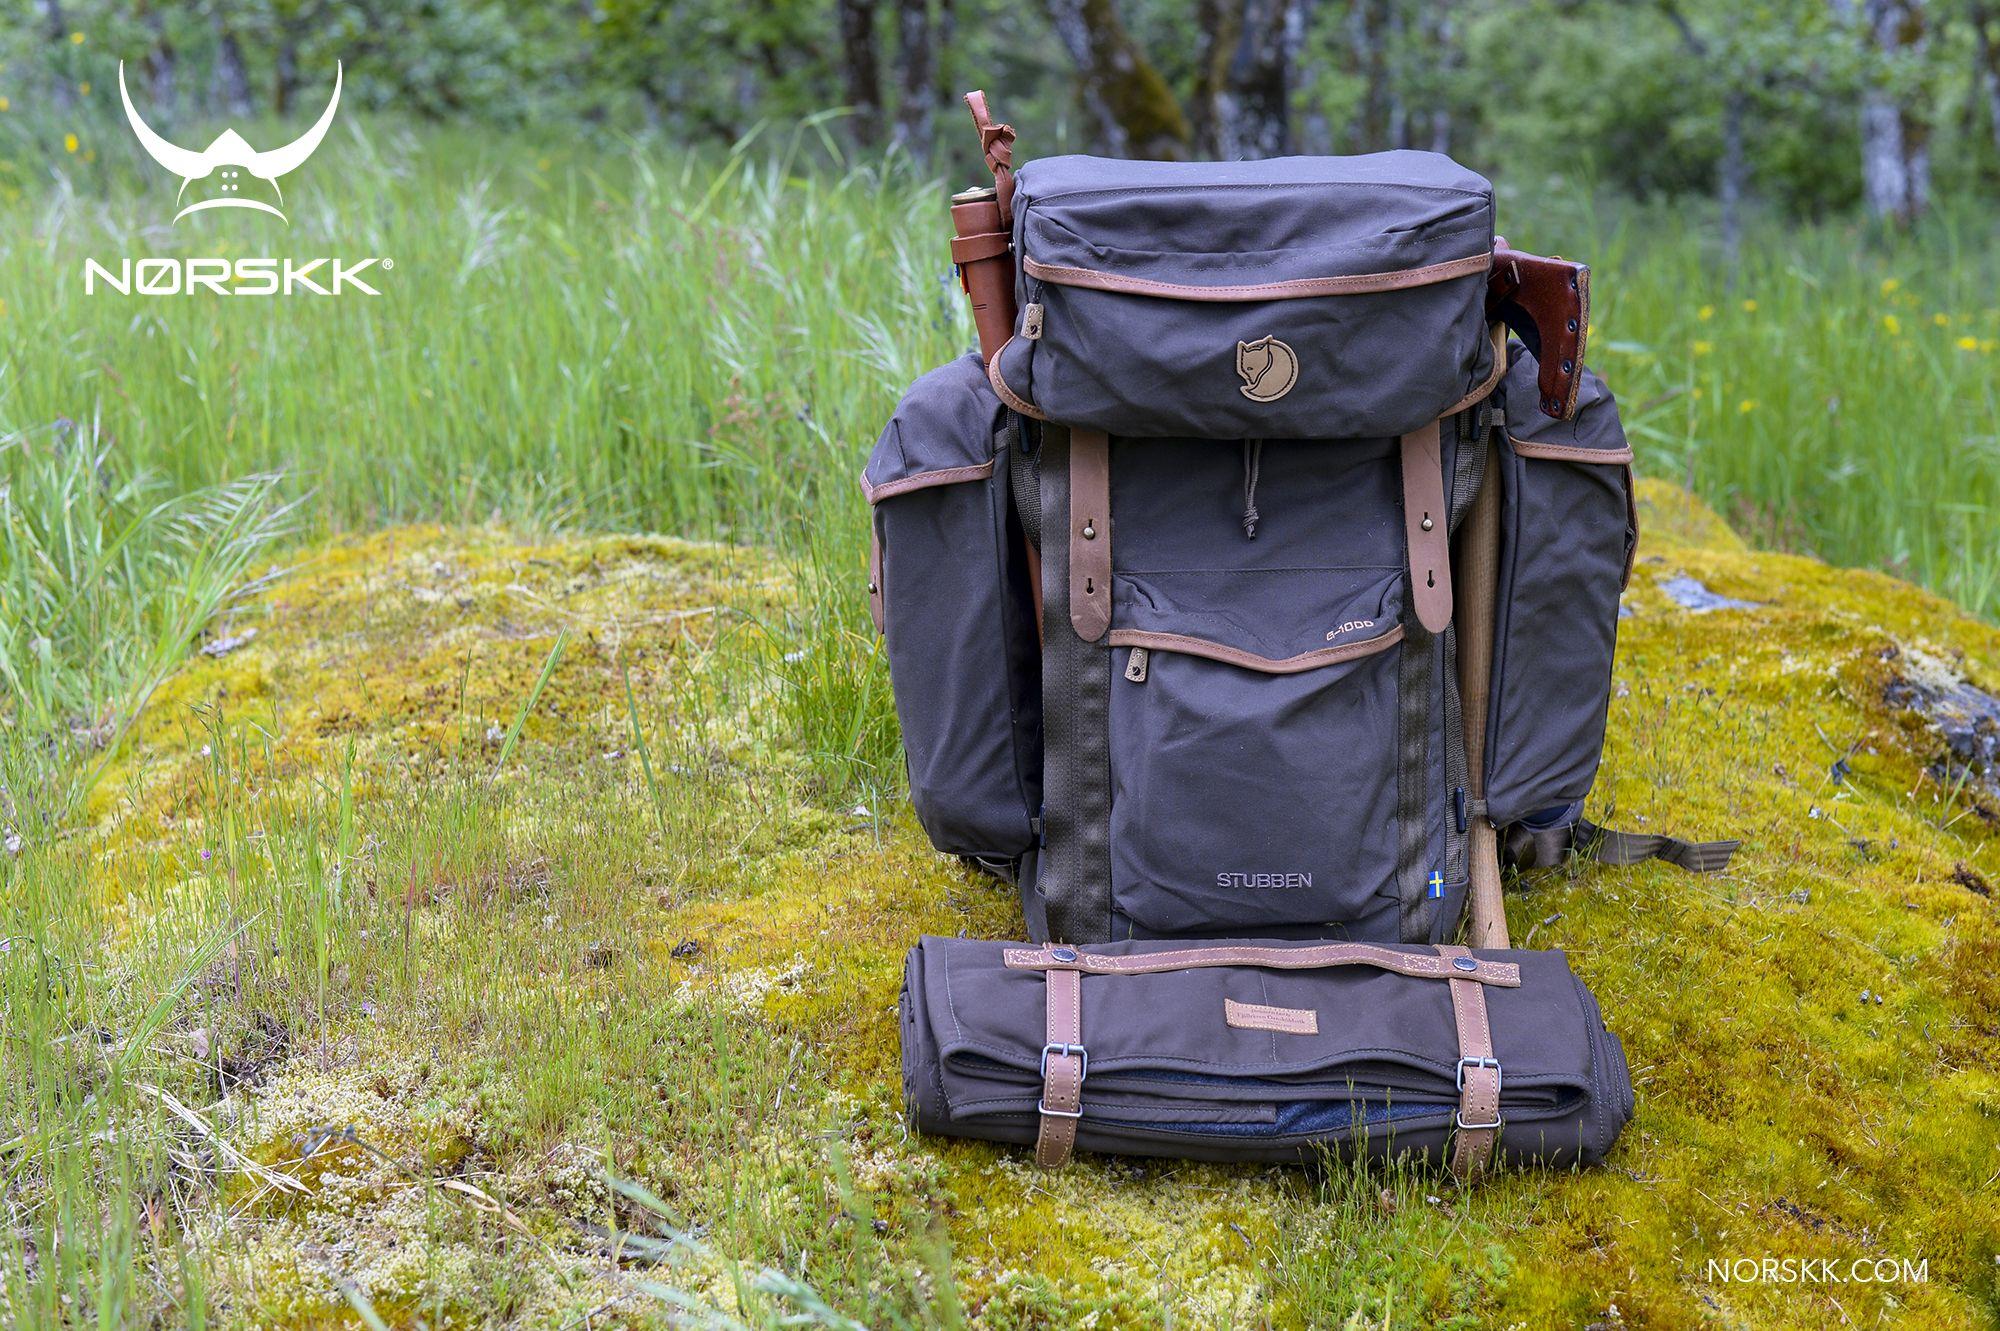 Fjllrven Stubben Pack With Vik Blanket Survivalism Pinterest Fjallraven Kanken Laptop 15ampquot Forest Green